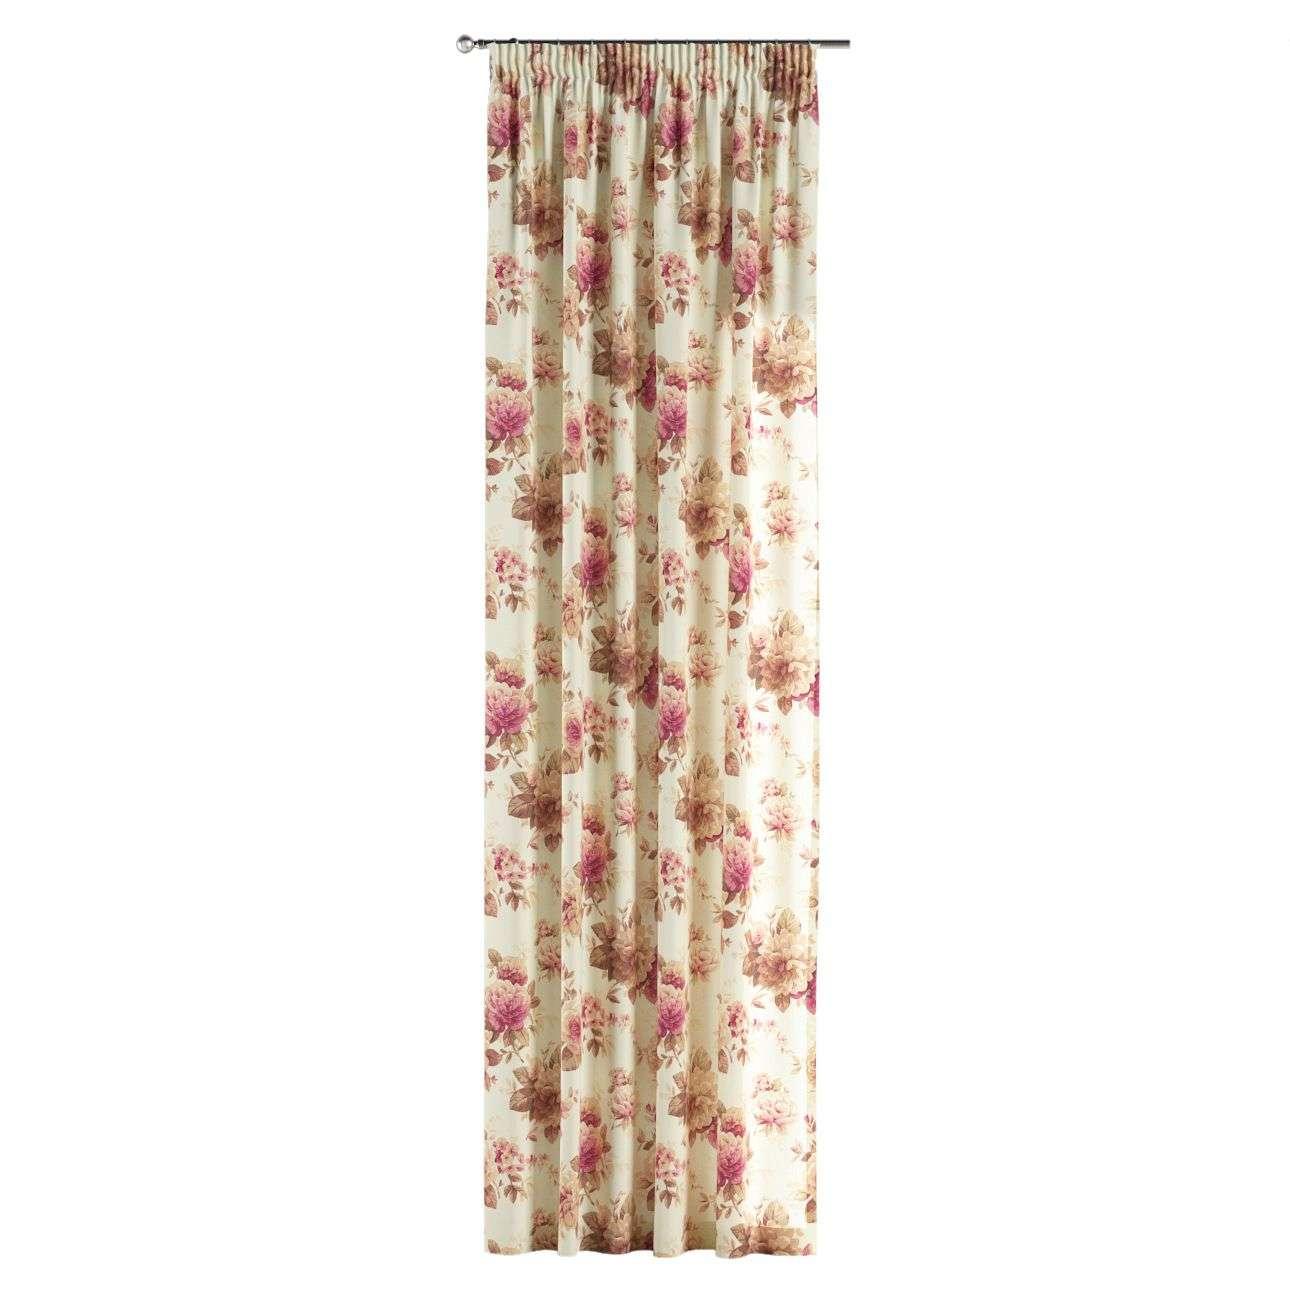 Függöny ráncolóval 130 x 260 cm a kollekcióból Bútorszövet Mirella, Dekoranyag: 141-06